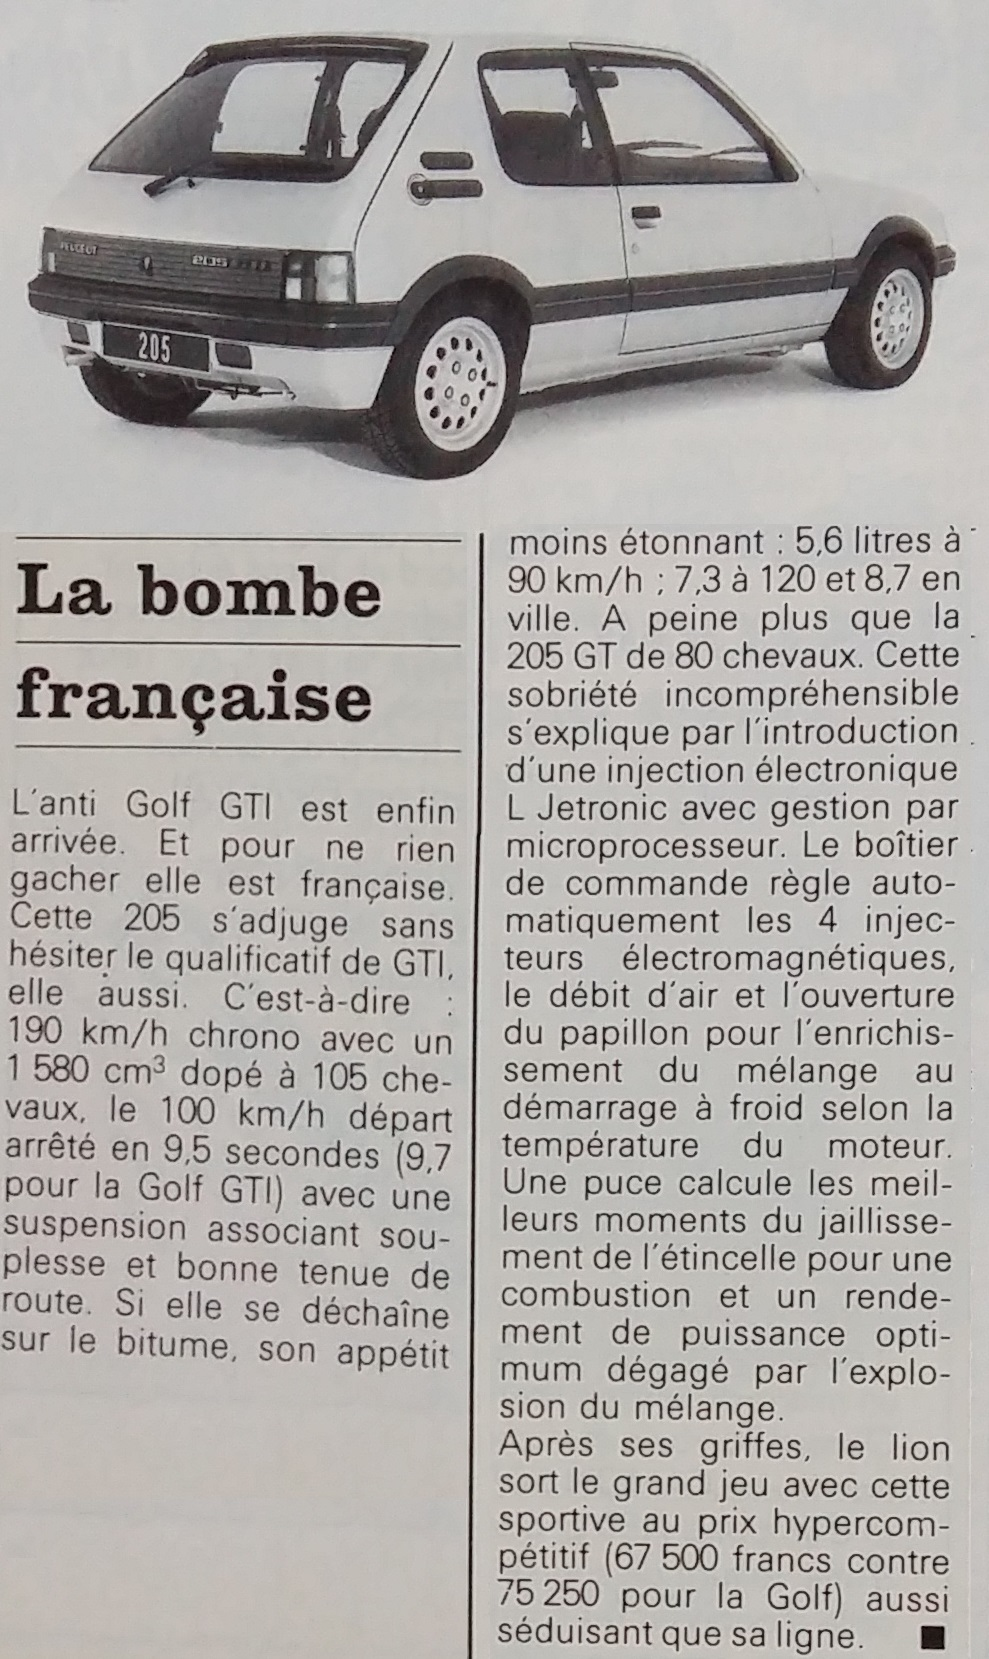 Peugeot 205, la bombe bombe française (Micro 7 n° 15, avril 1984, p. 18) : injection électronique L Jetronic avec gestion par microprocesseur